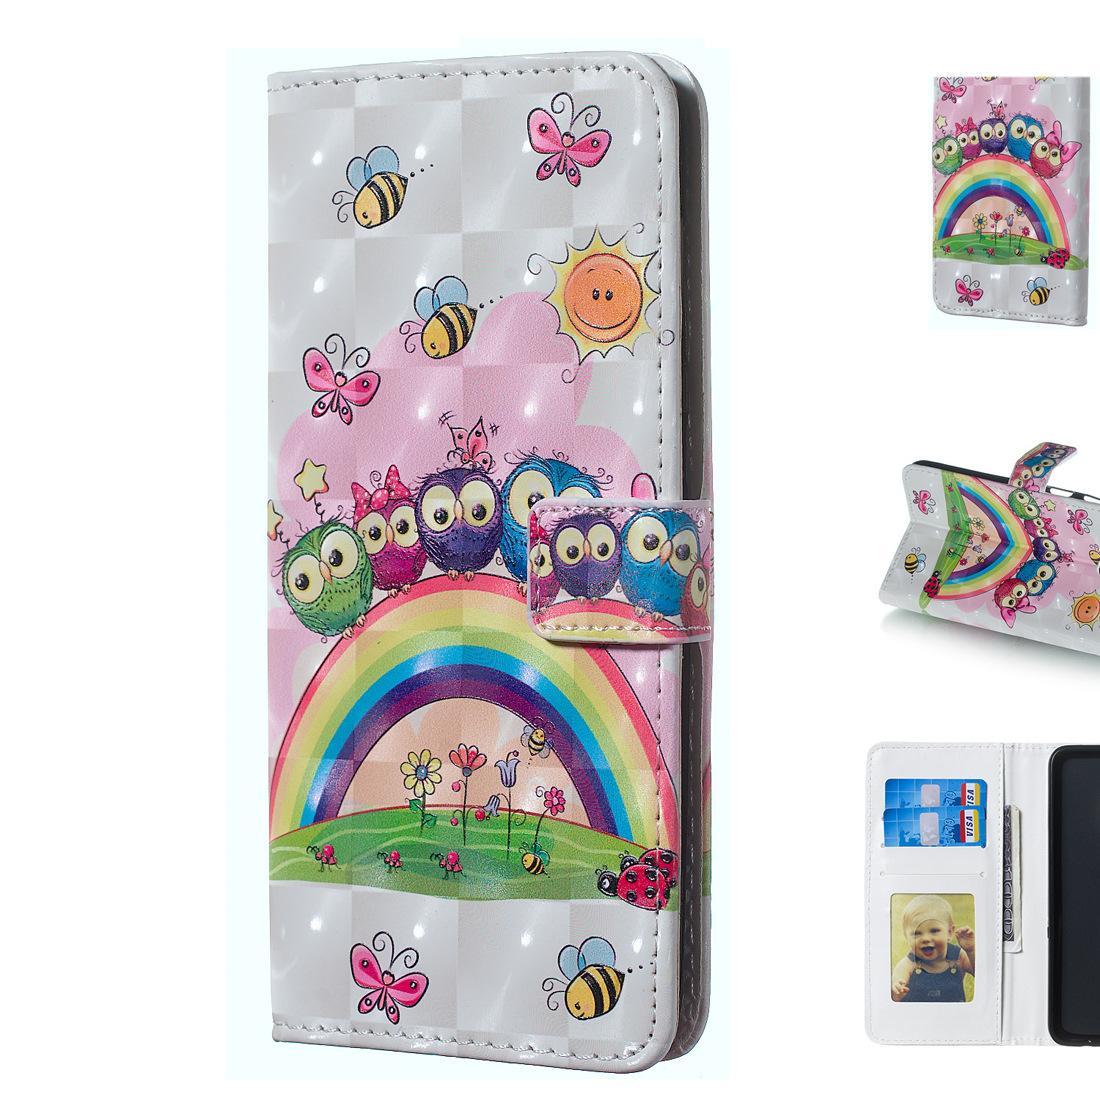 Beau téléphone portable protéger cas avec cadre photo 3D Design Owl famille soleil Rainbow Flowers Day